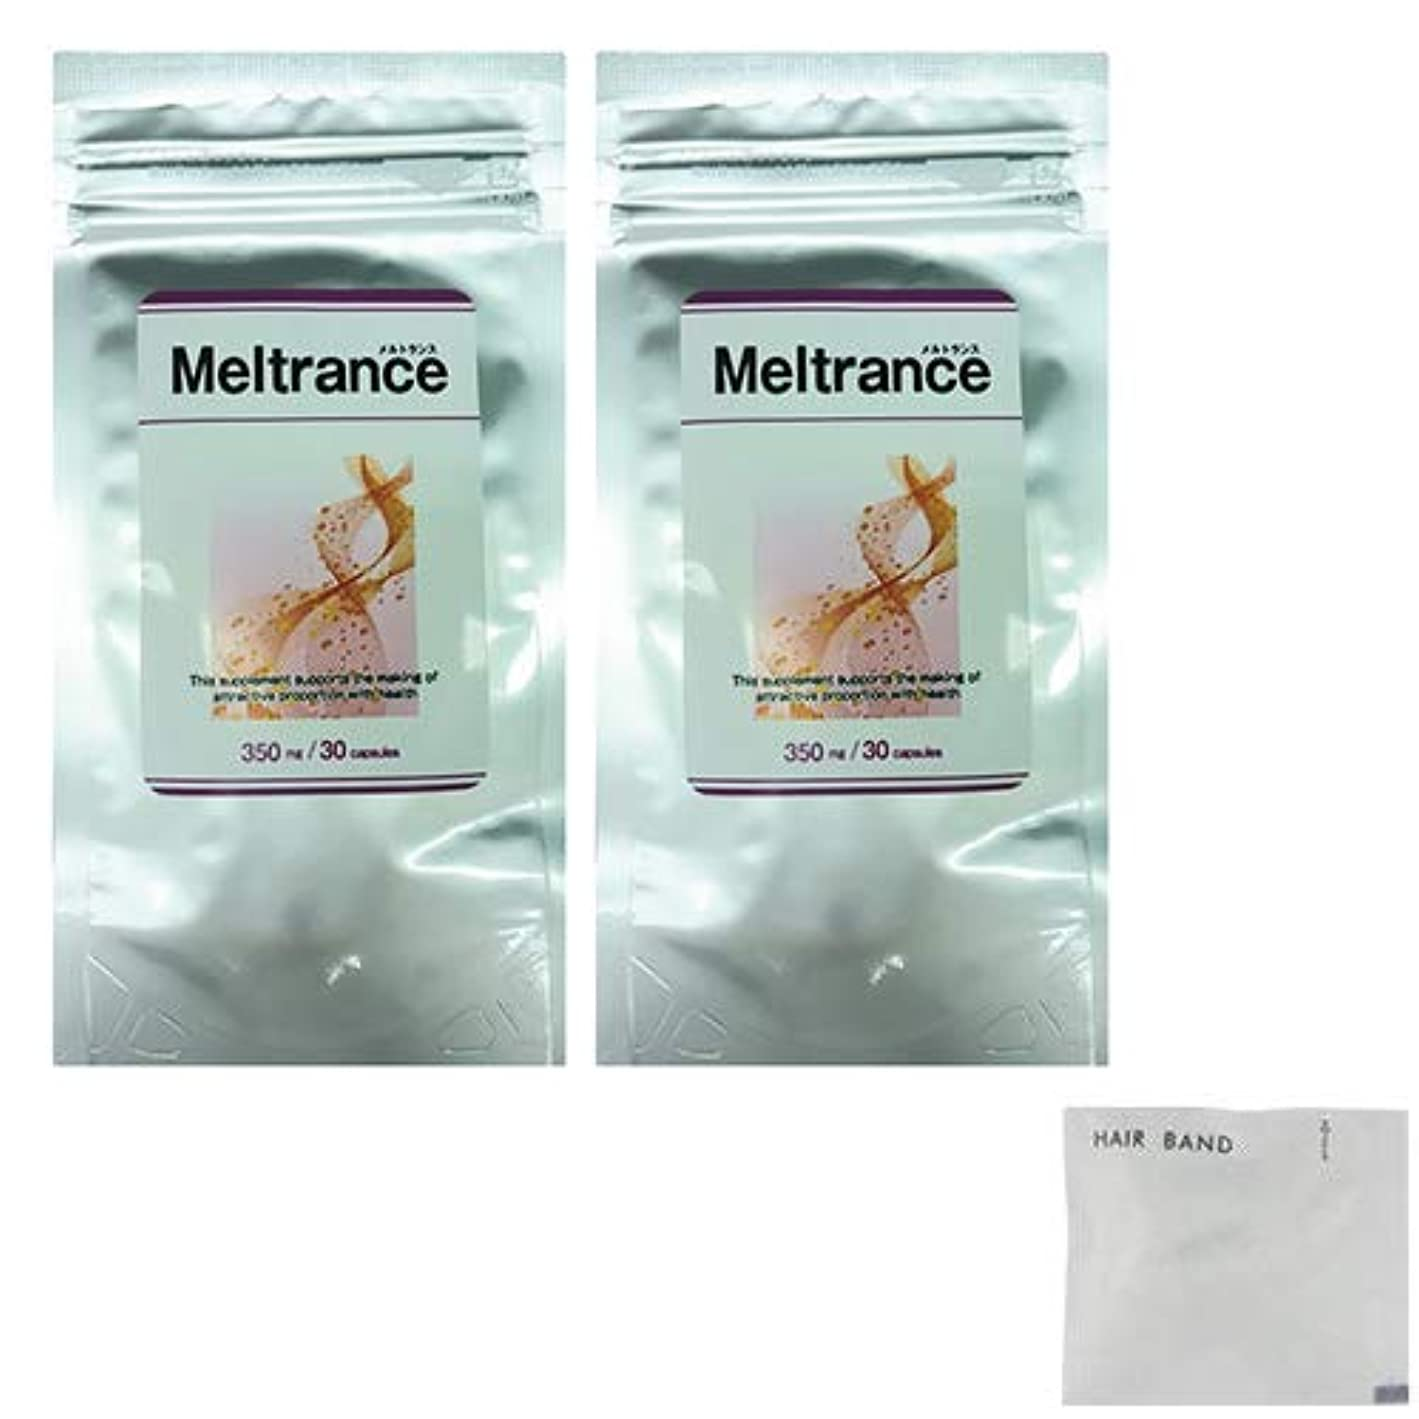 後退する賛美歌感染するメルトランス(Meltrance) サプリメント 30粒×2個 + ヘアゴム(カラーはおまかせ)セット